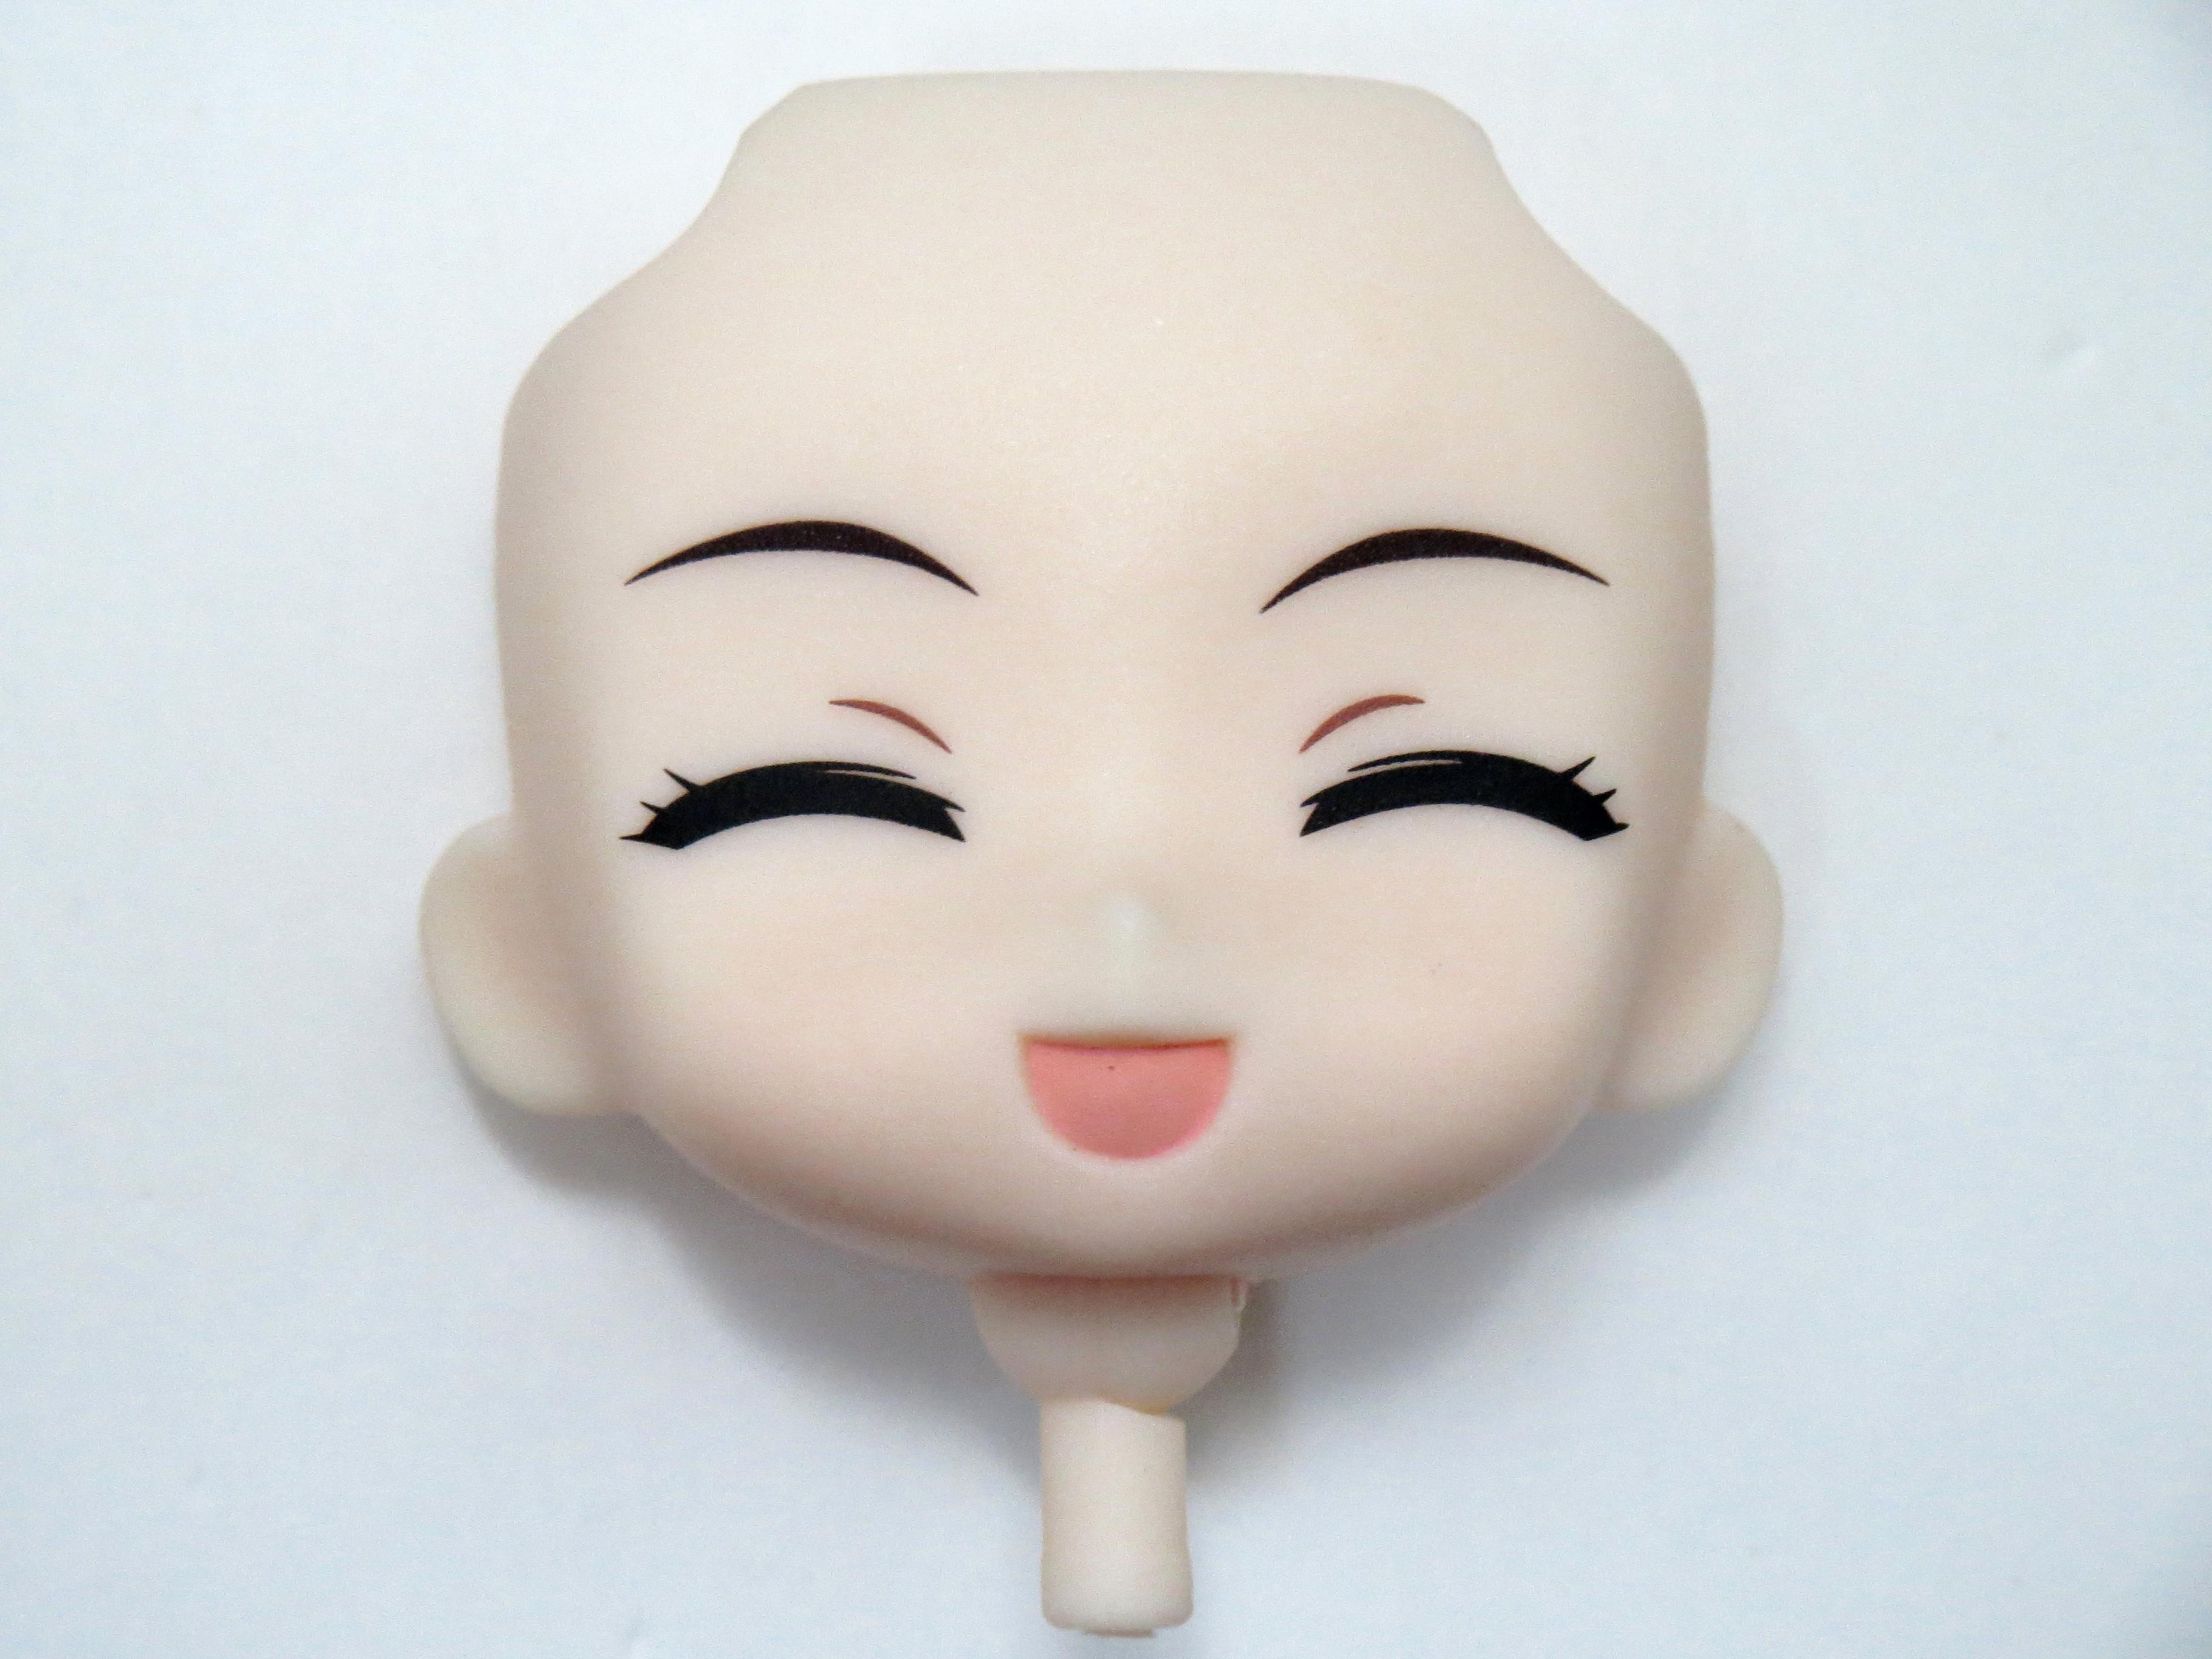 【238】 天城雪子 顔パーツ 爆笑顔 ねんどろいど